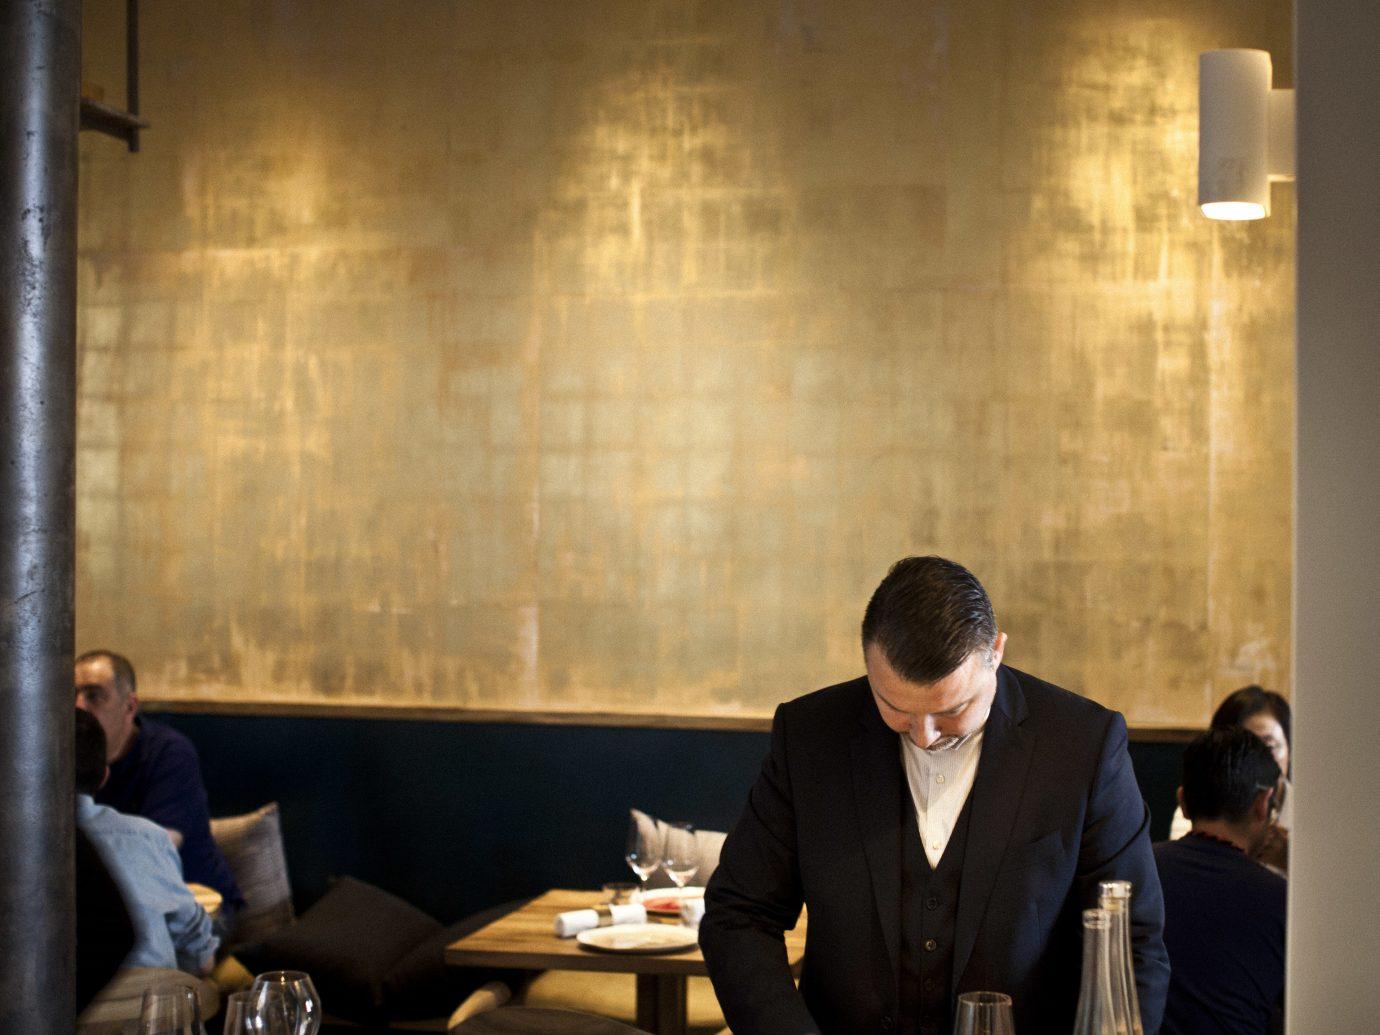 Food + Drink person indoor man interior design conference room